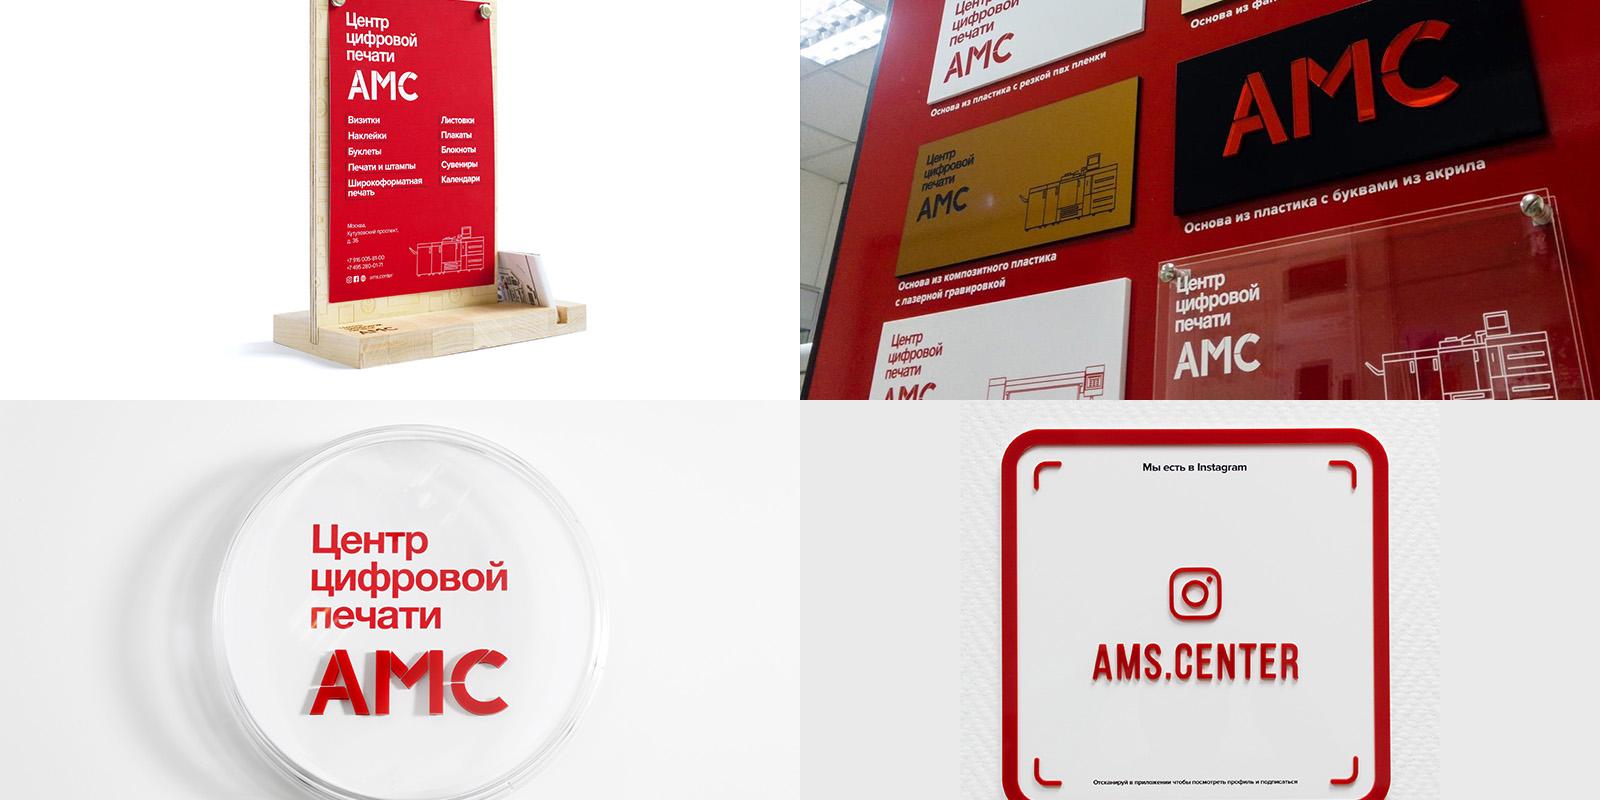 Поздравляем Центр цифровой печати АМС в составе ГК АКИГ с Днем российской полиграфии!